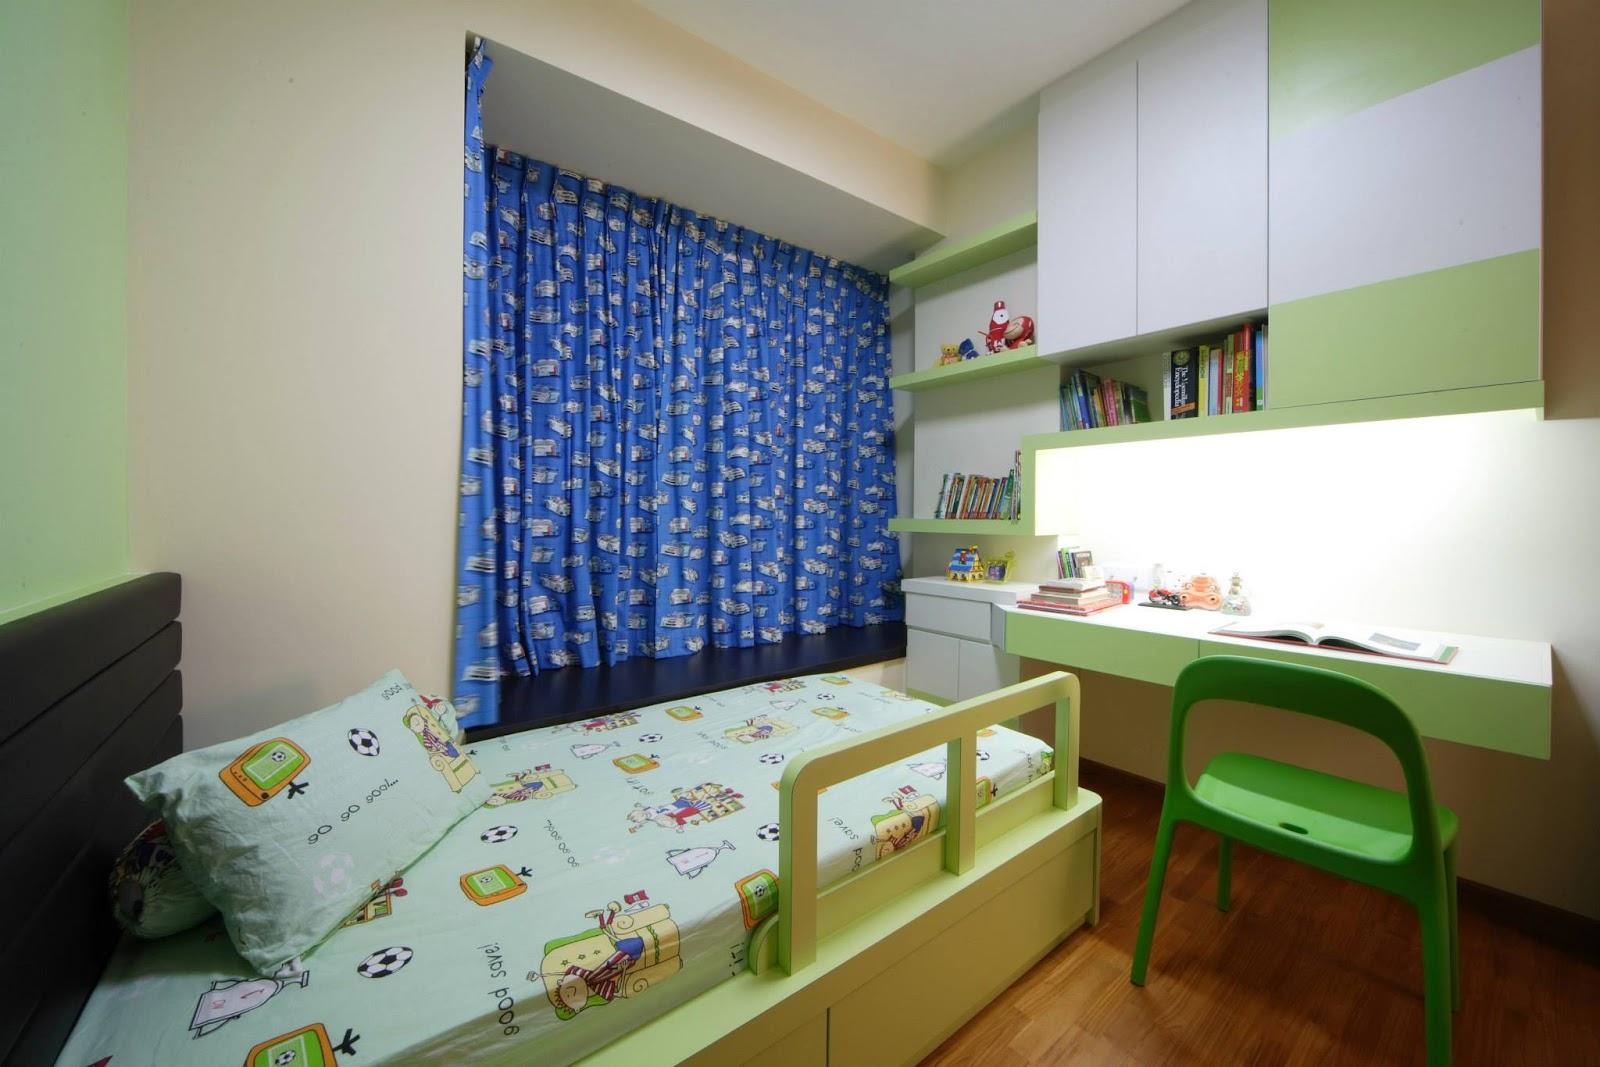 25 dekorasi kamar tidur anak dengan rumus dekorasi yang